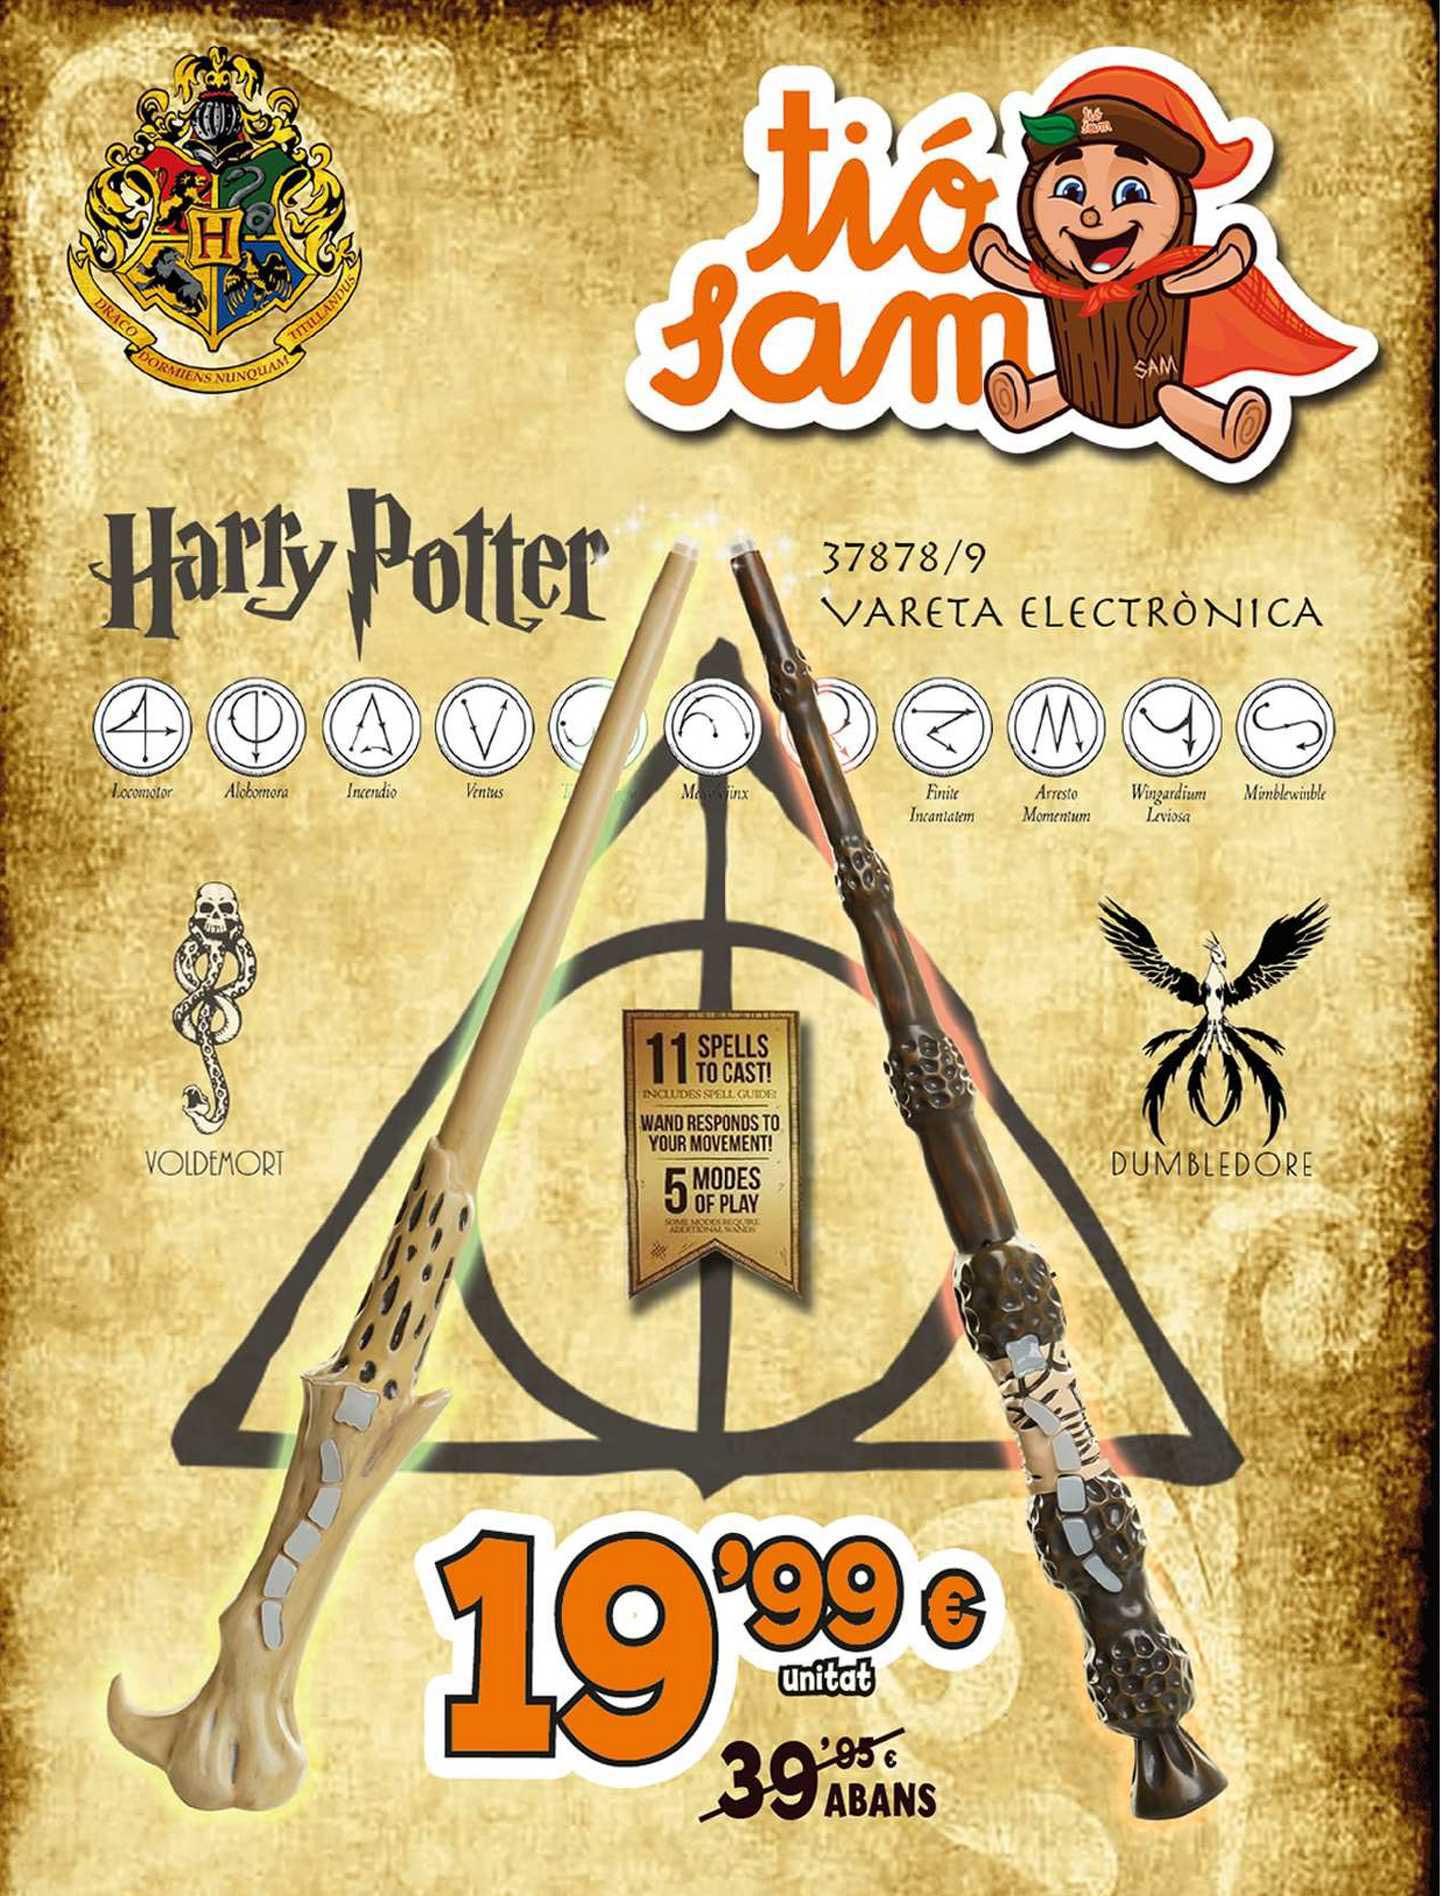 Tió Sam Vareta Electrònica Voldemort Dumbledore Harry Potter